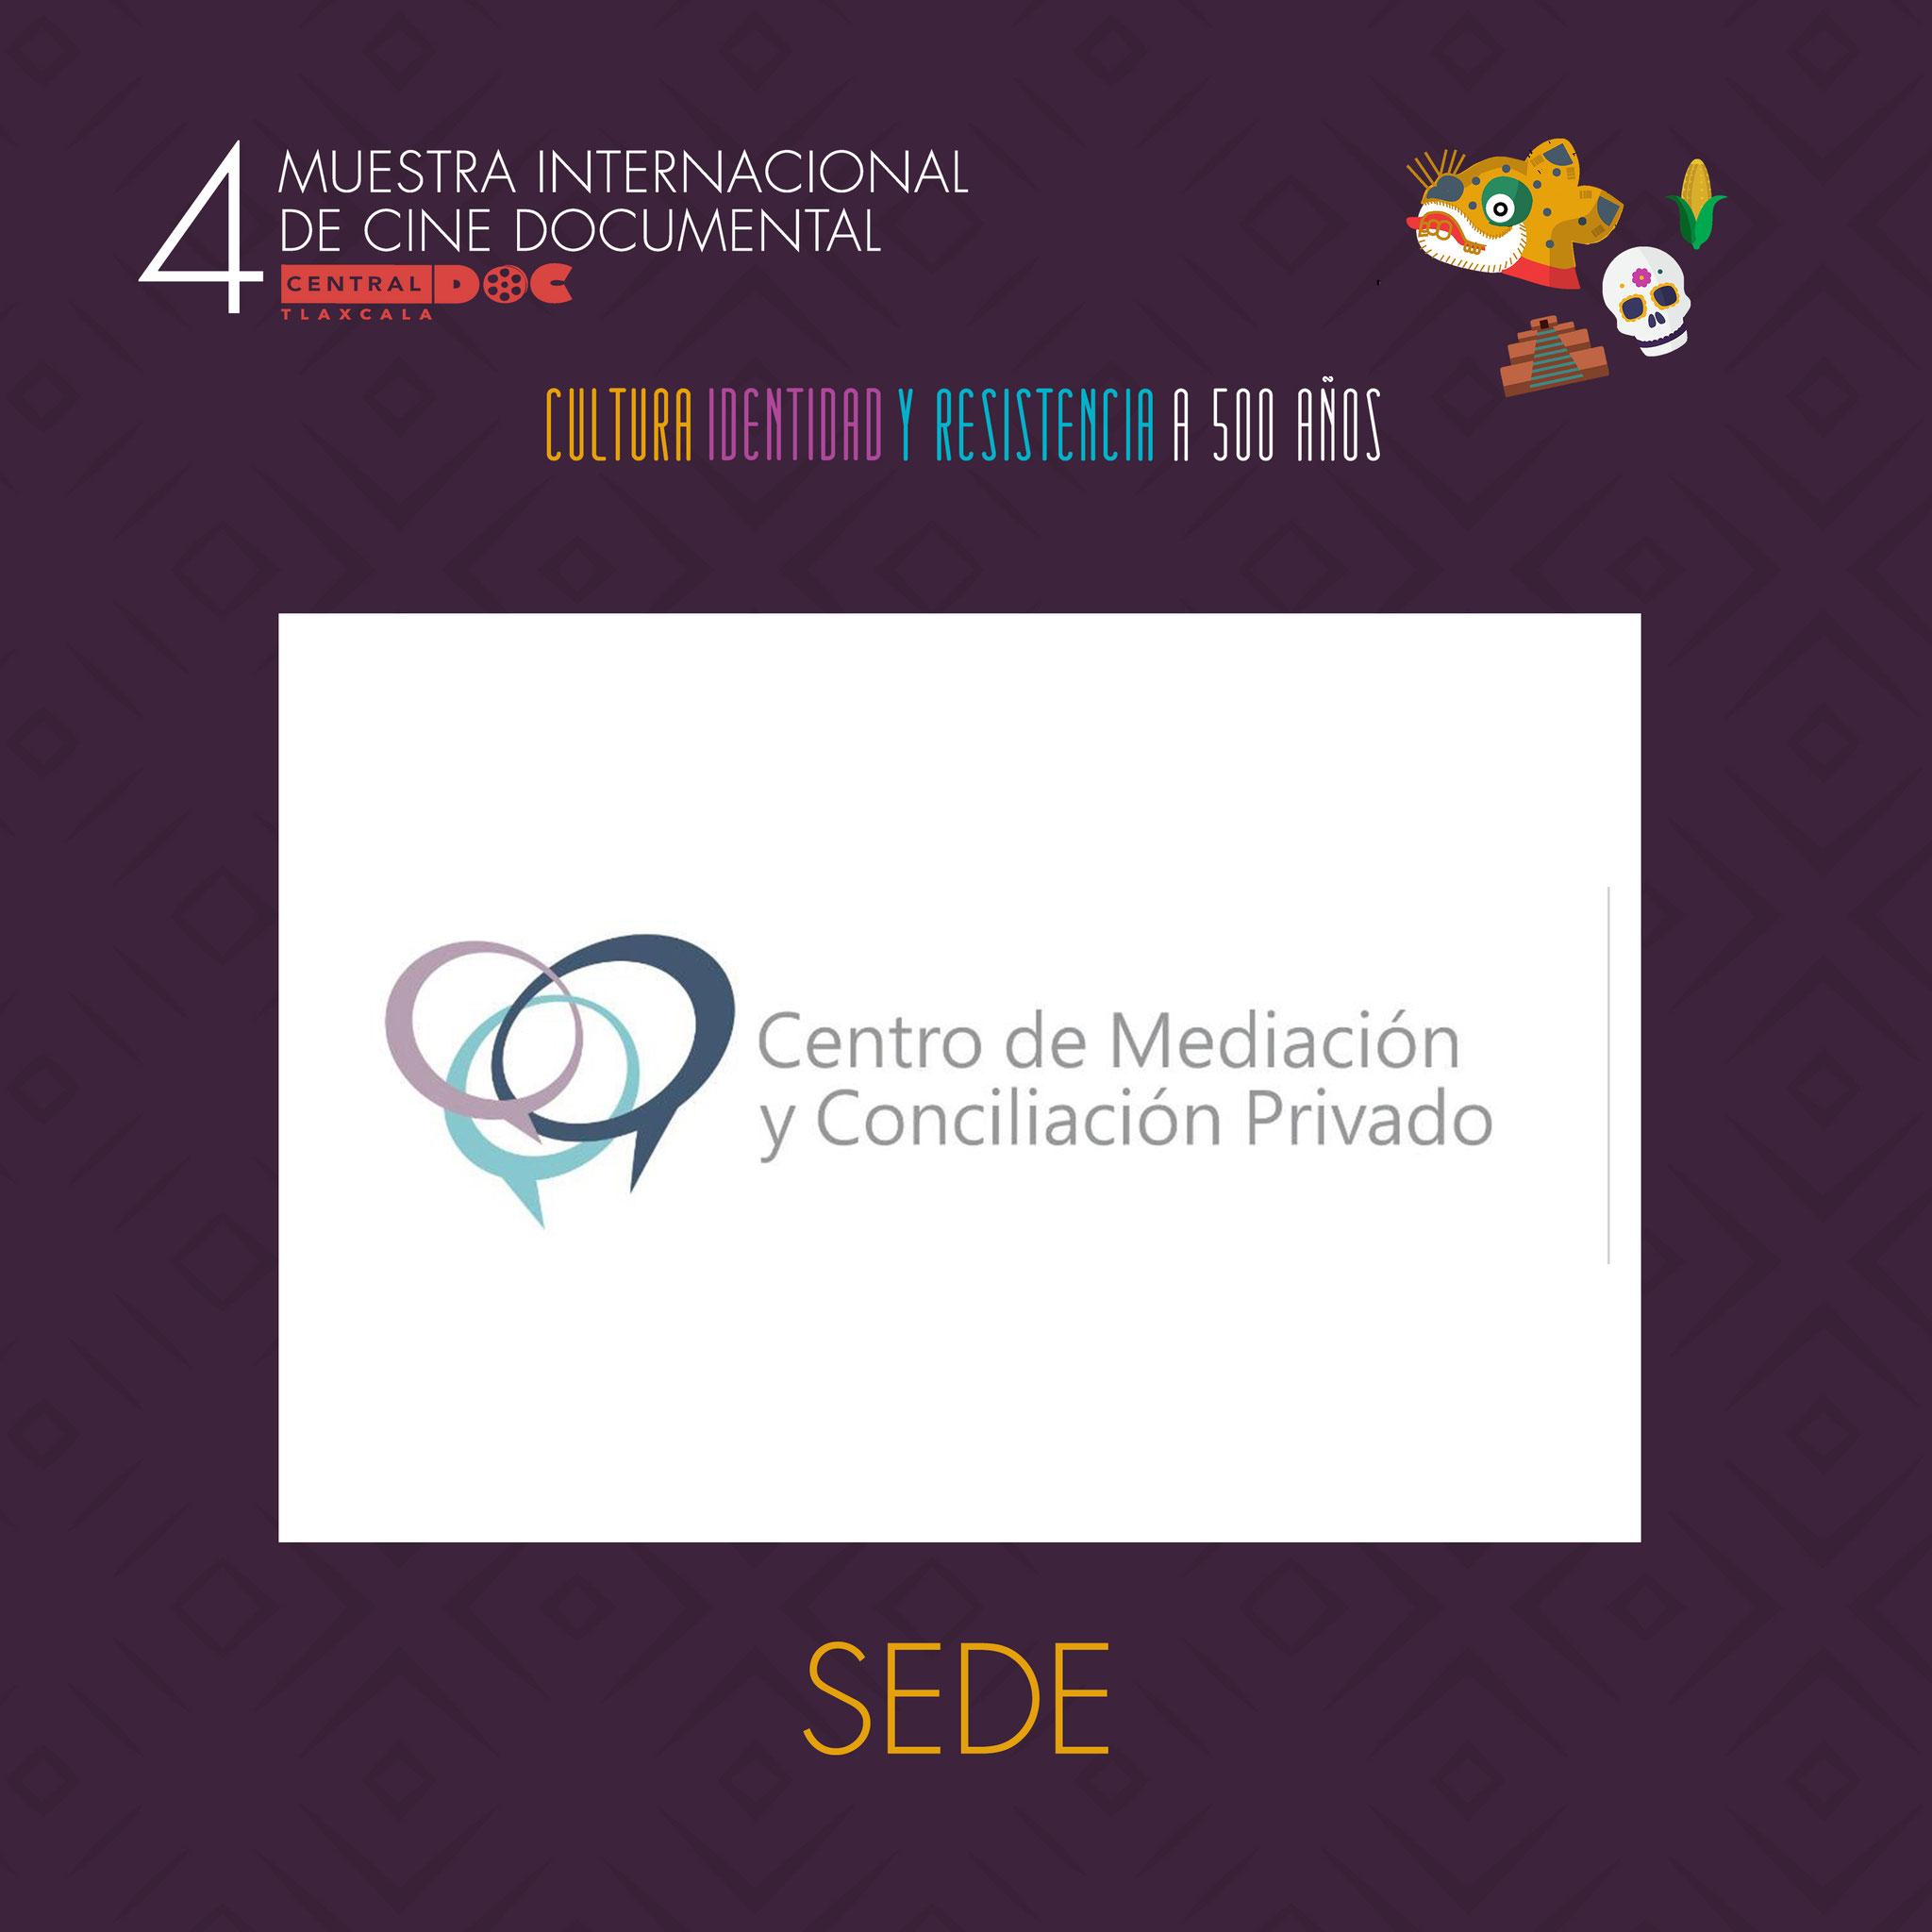 Av. Niños Héroes #36. Sección Primera, Zacatelco